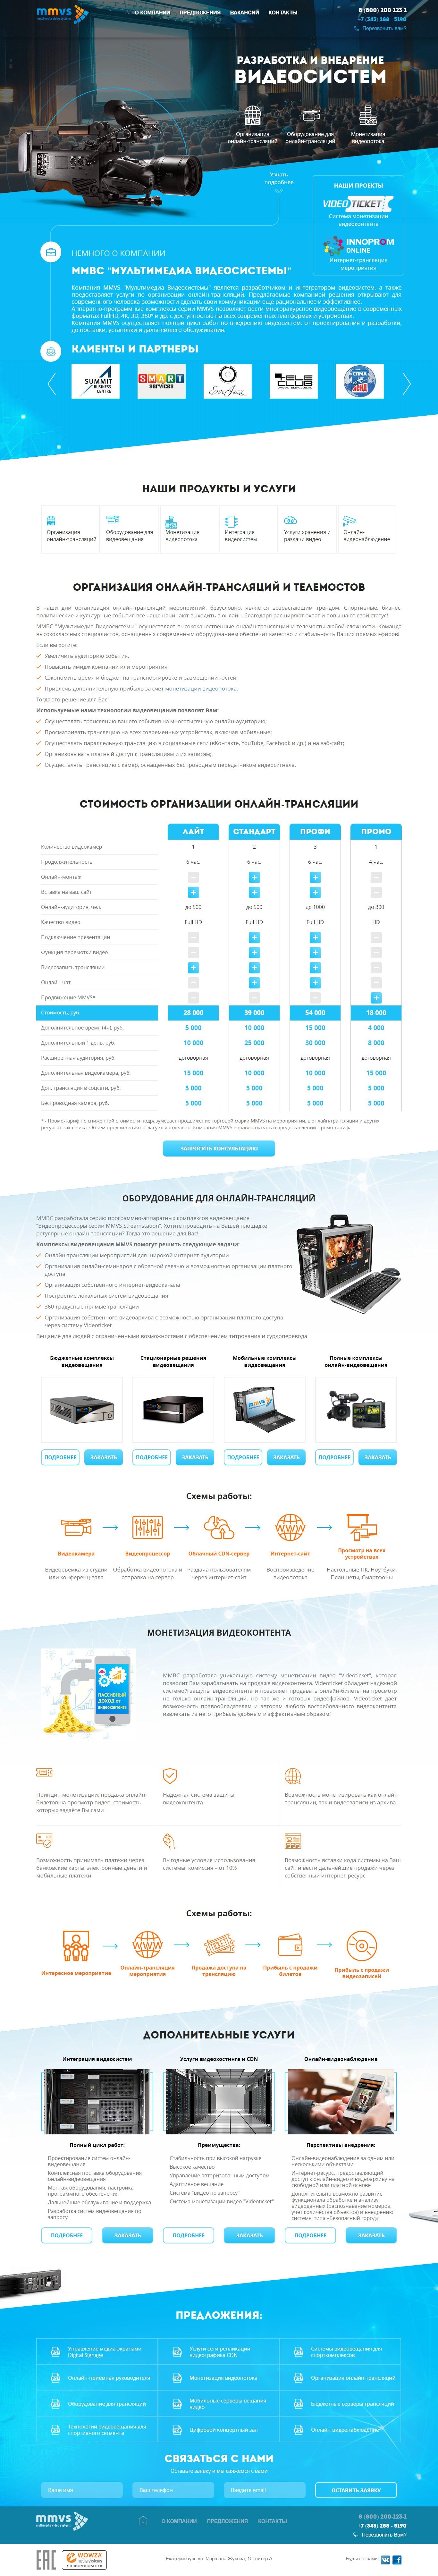 Организация и оборудование для онлайн-трансляций